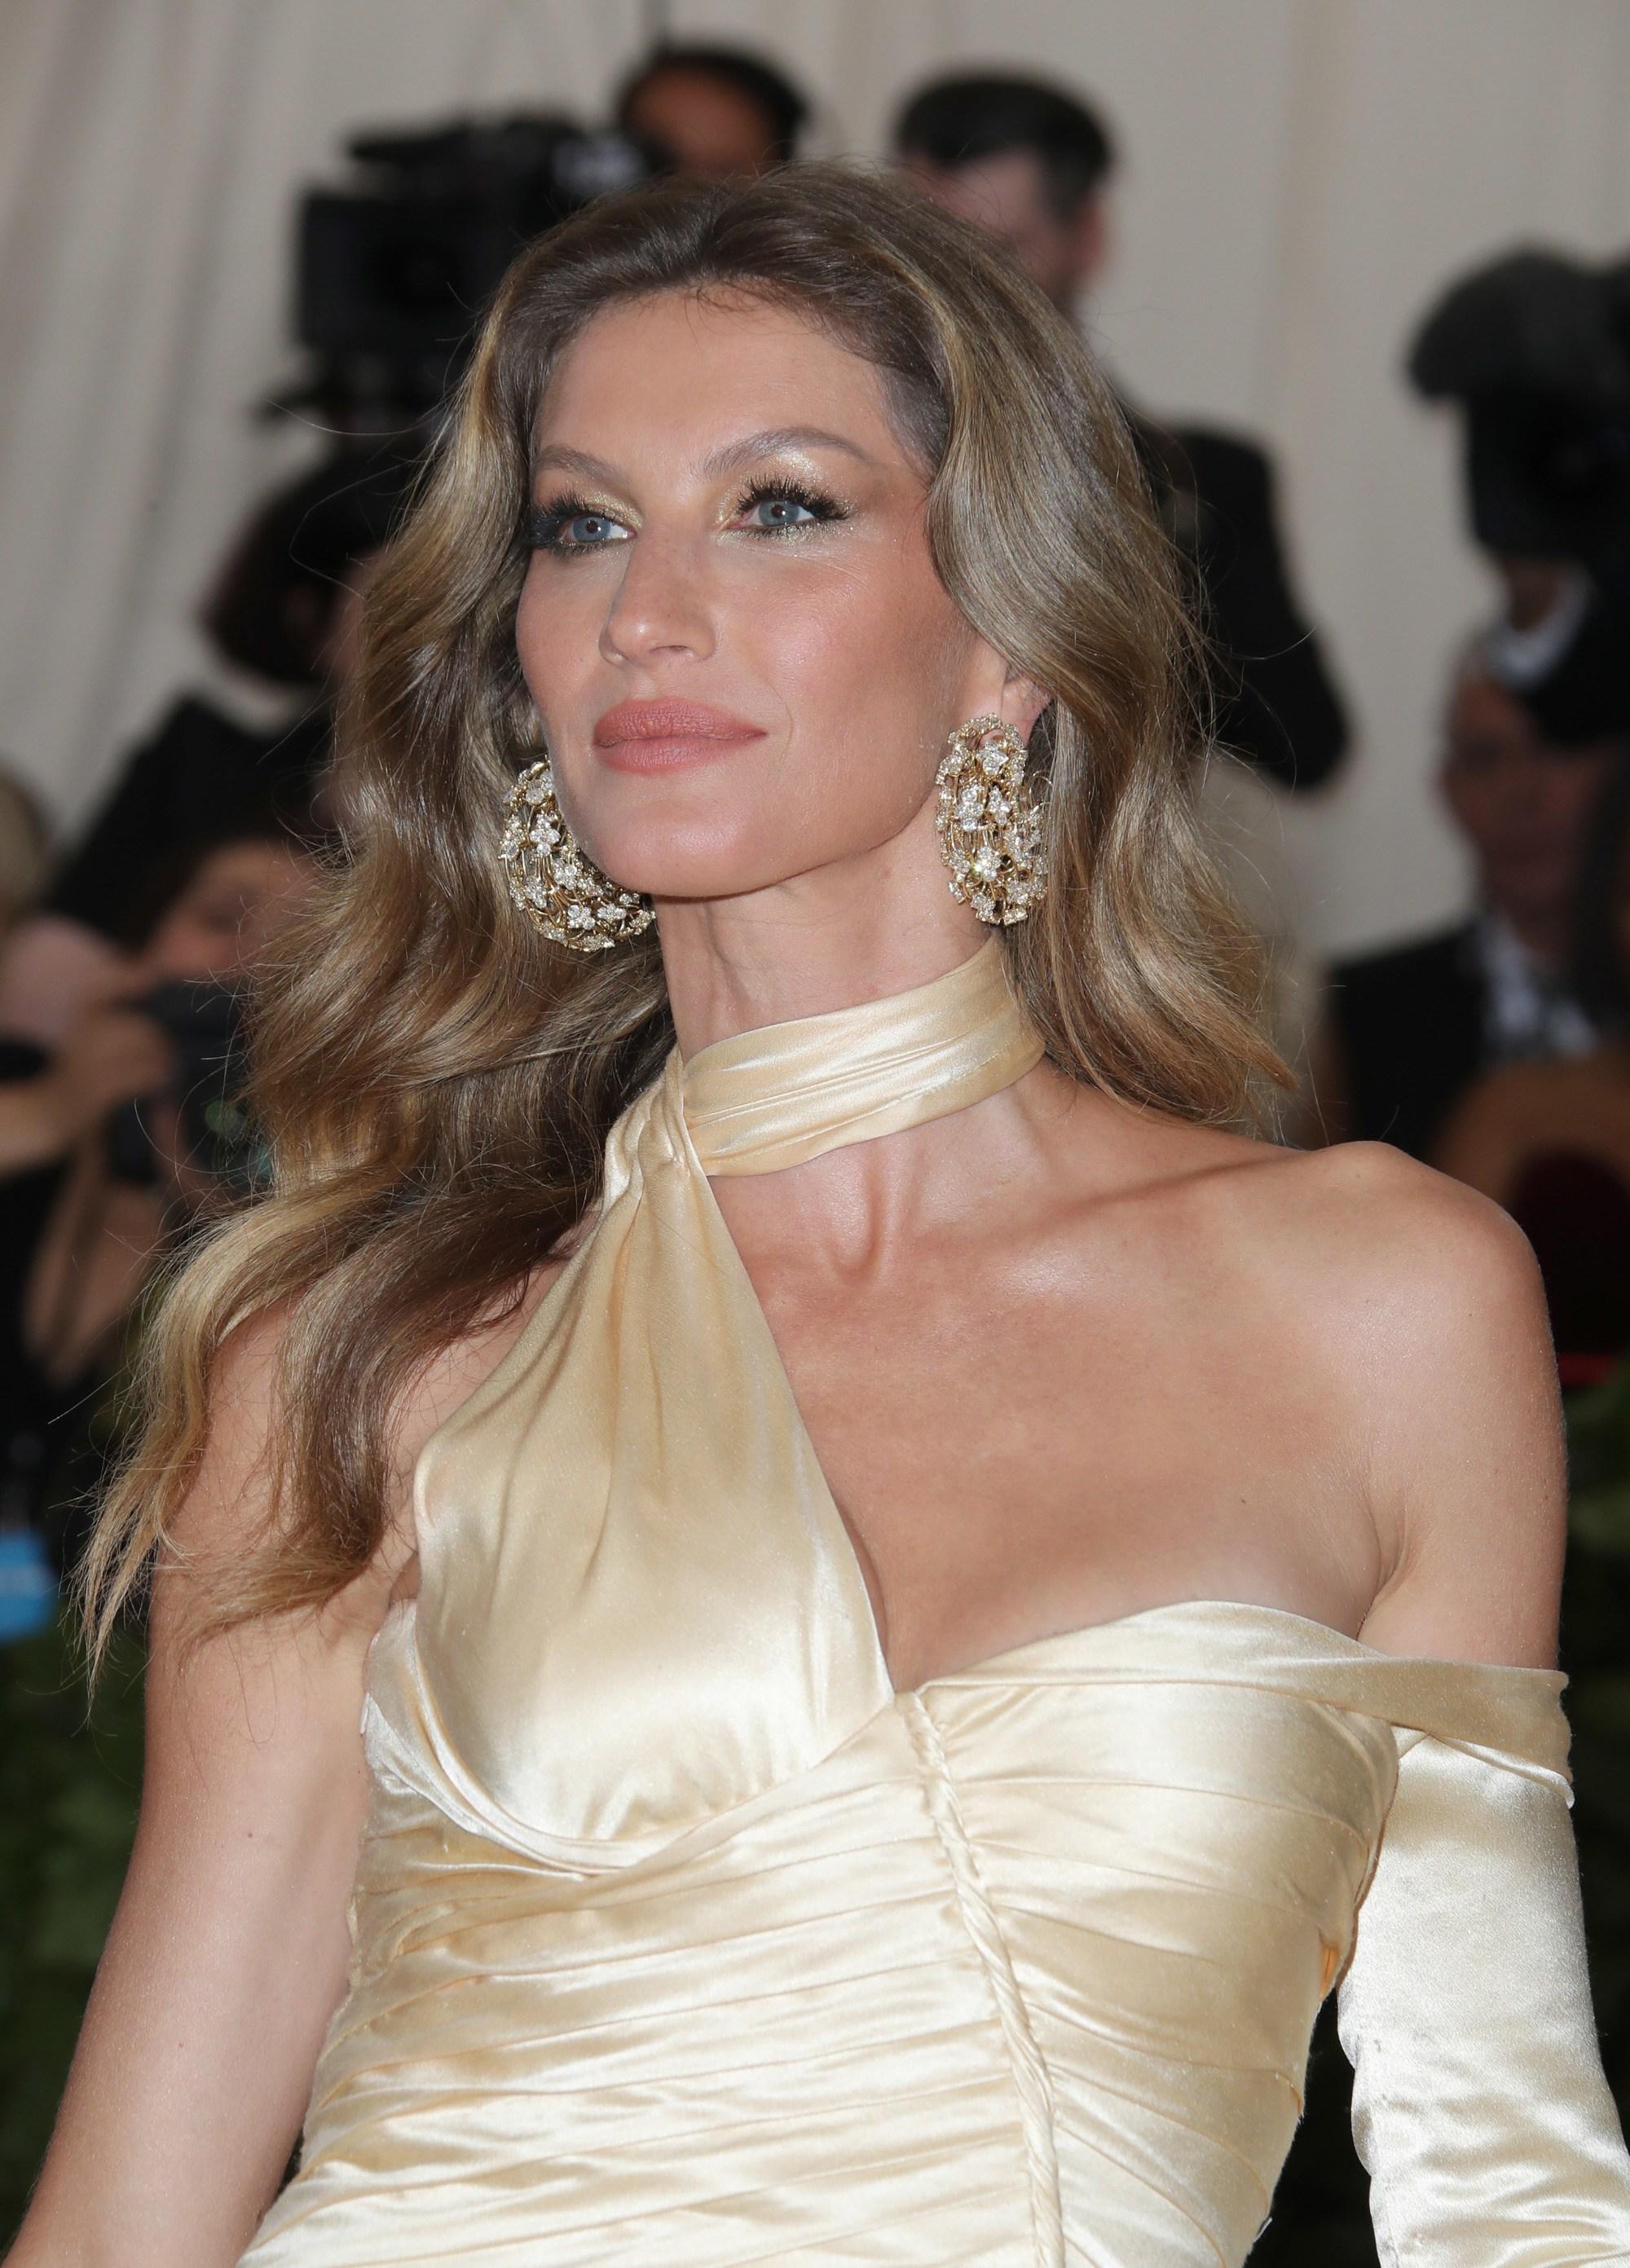 Gisele Bundchen aux longs cheveux châtains avec des reflets caramel, portant une robe de satin sur le tapis rouge